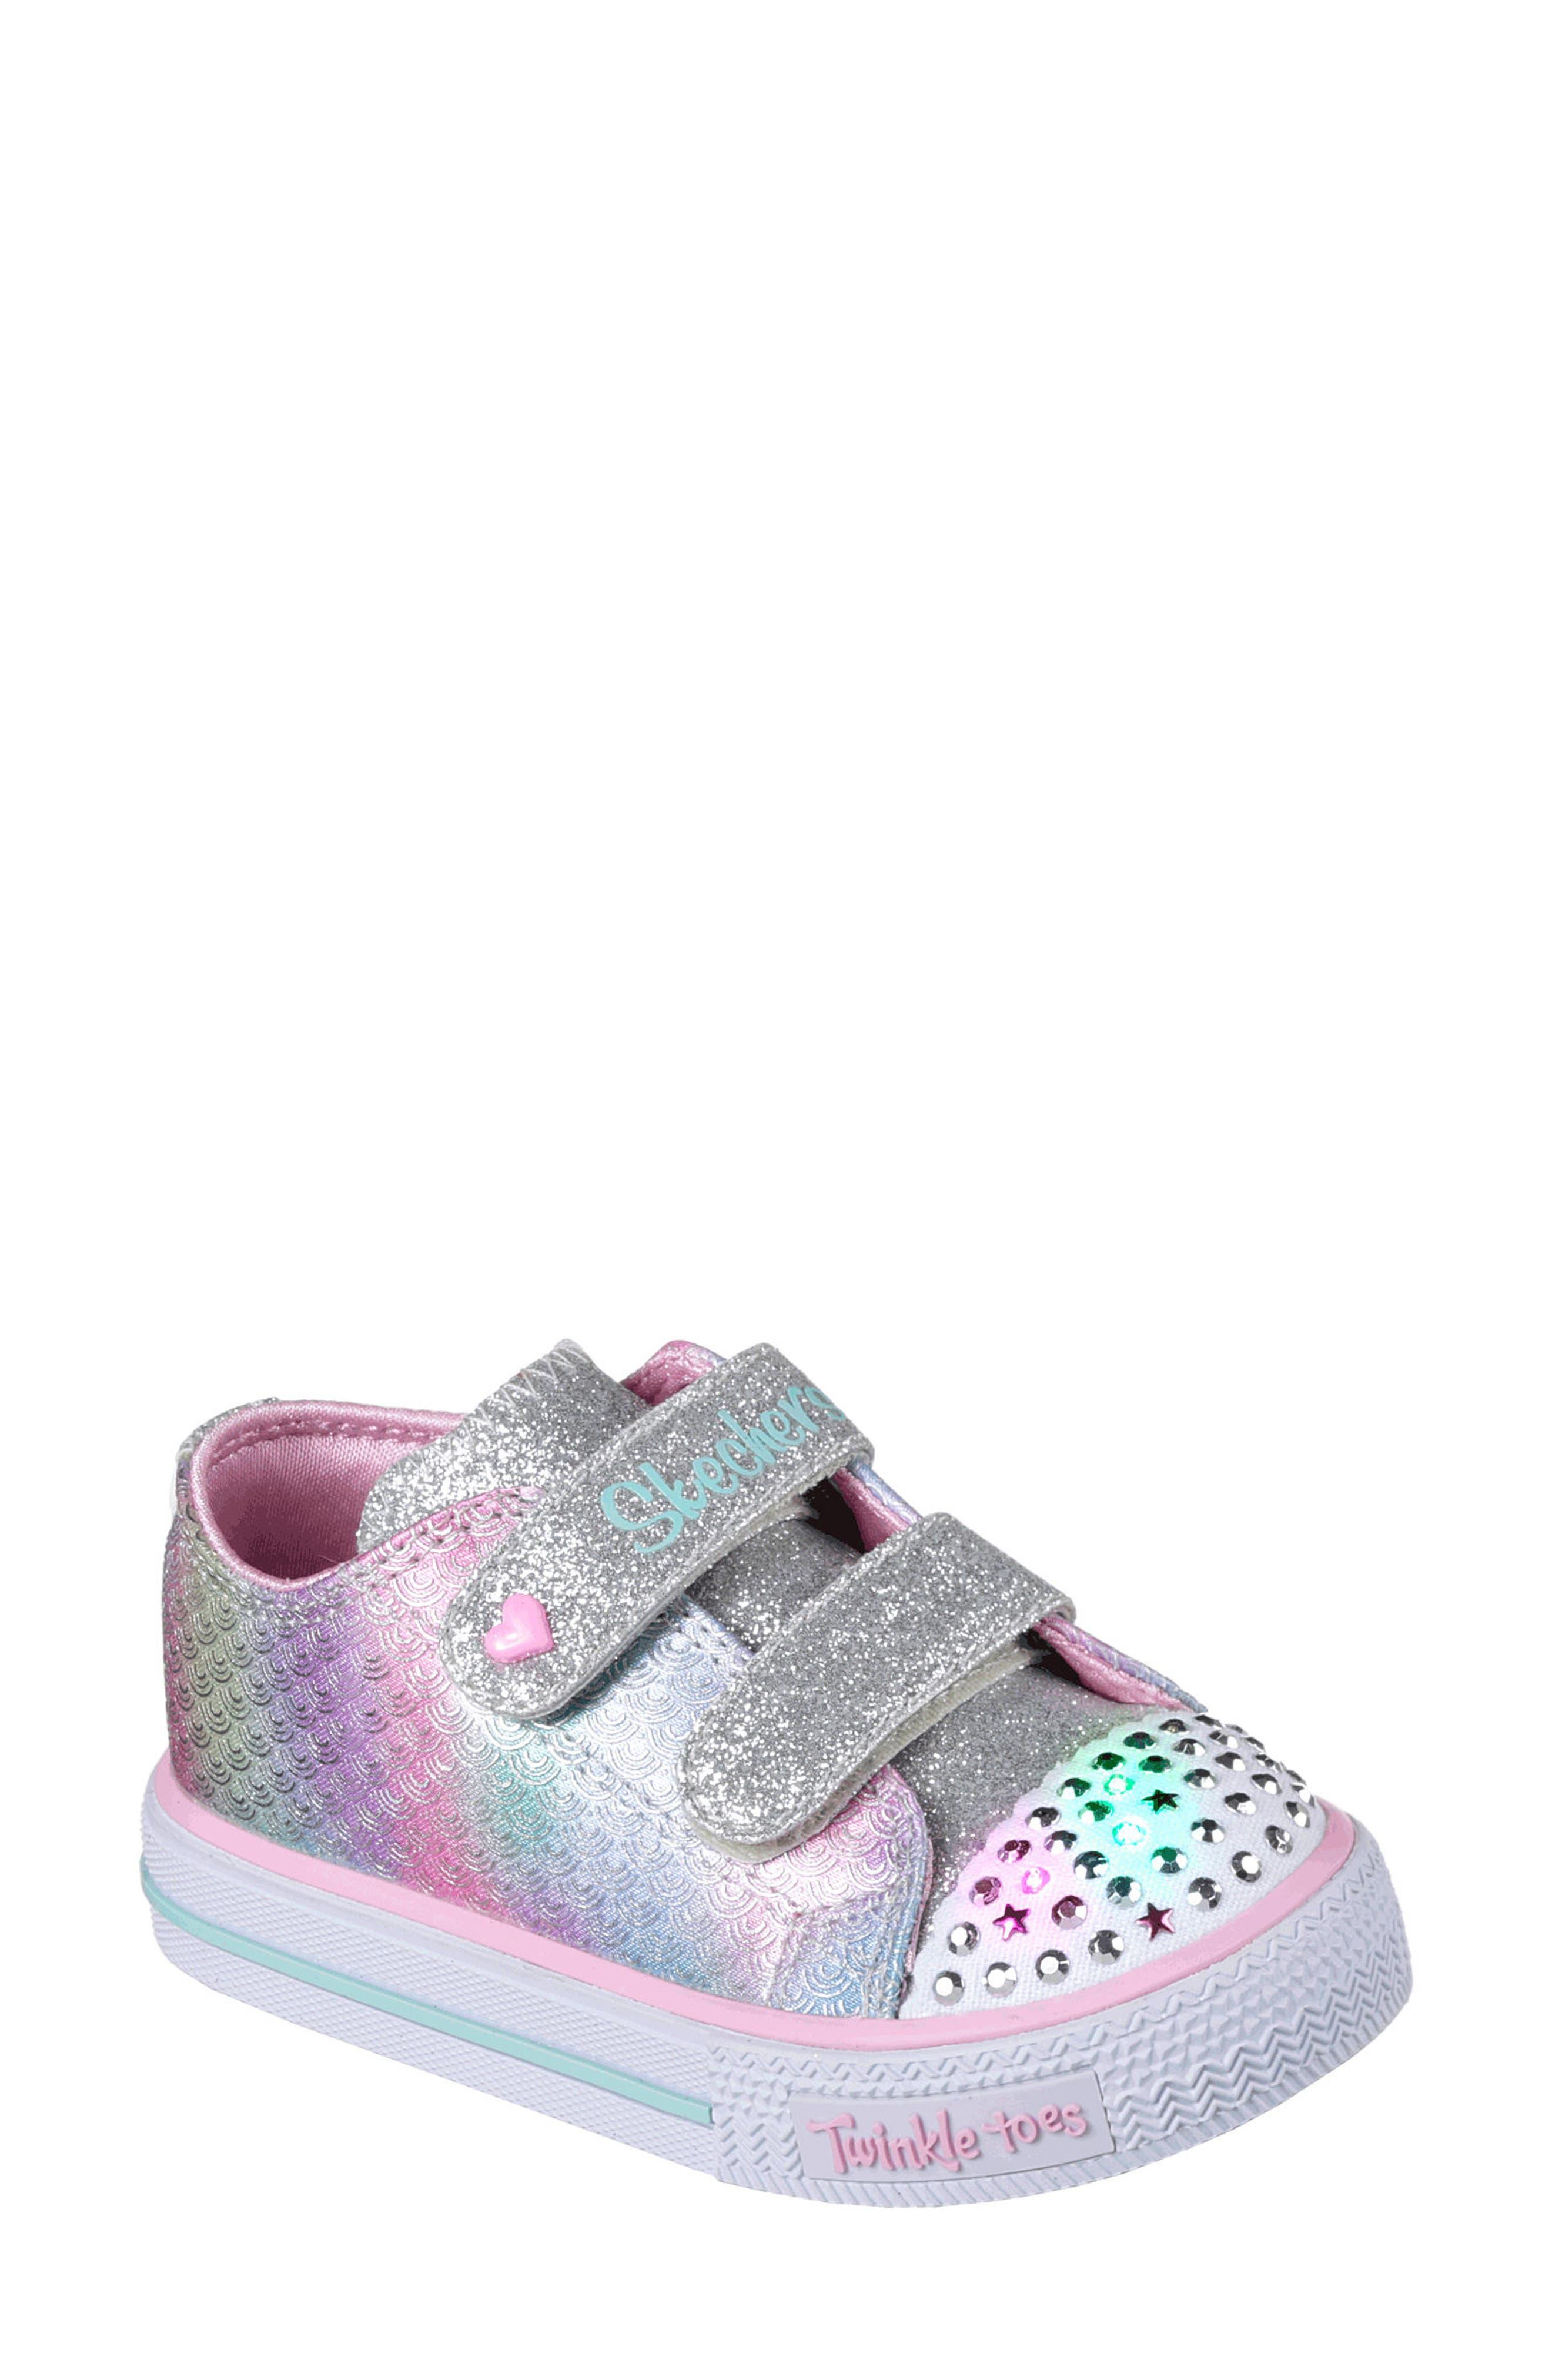 Shuffles - Itsy Bitsy Light-Up Sneaker,                             Alternate thumbnail 7, color,                             040